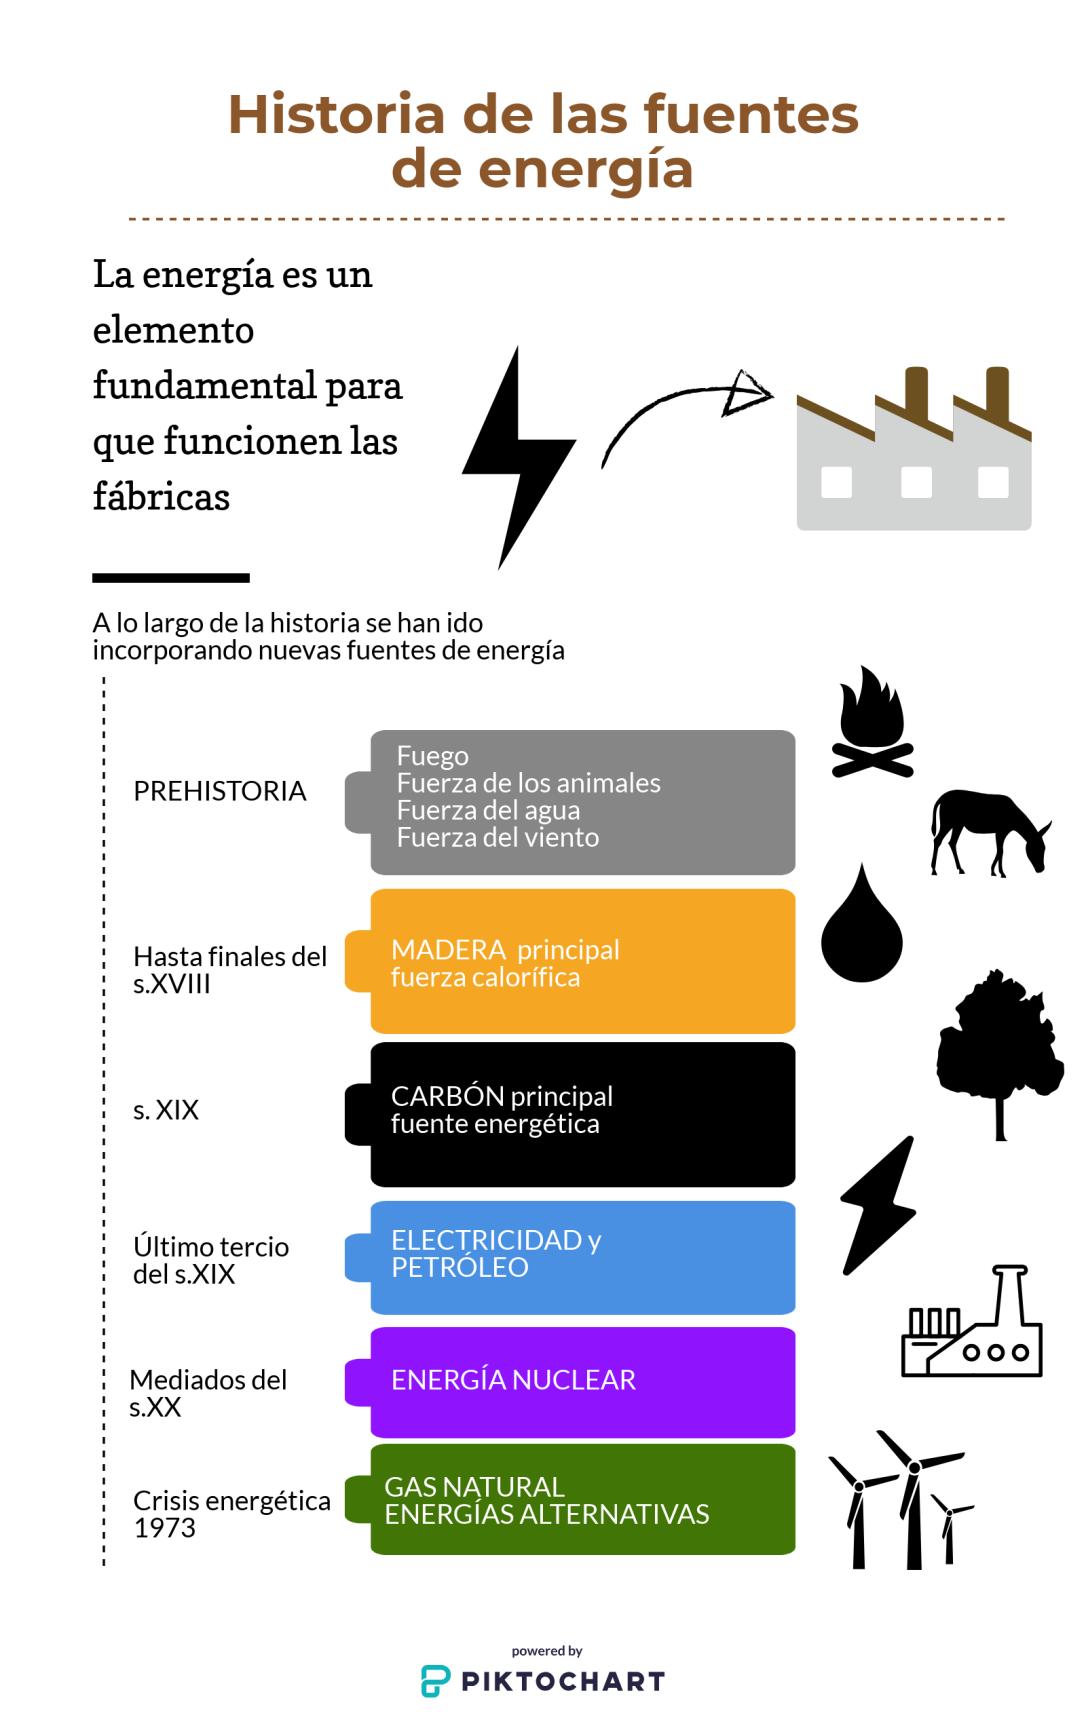 HISTORIA DE LAS FUENTES DE ENERGÍA